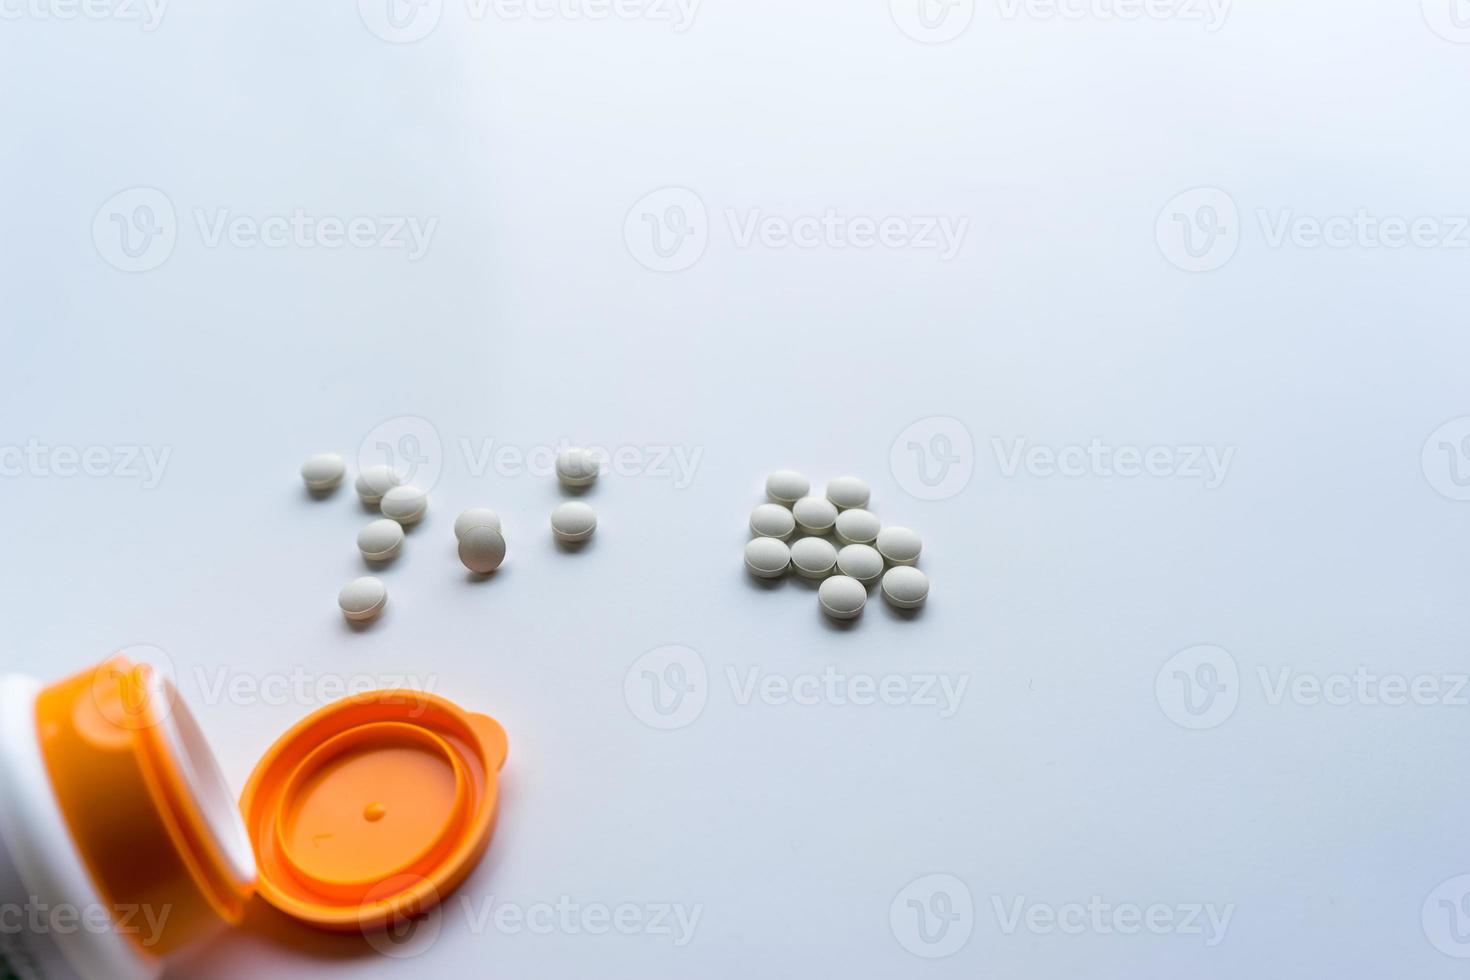 Las píldoras que salen de la botella de medicina, sobre fondo blanco. foto